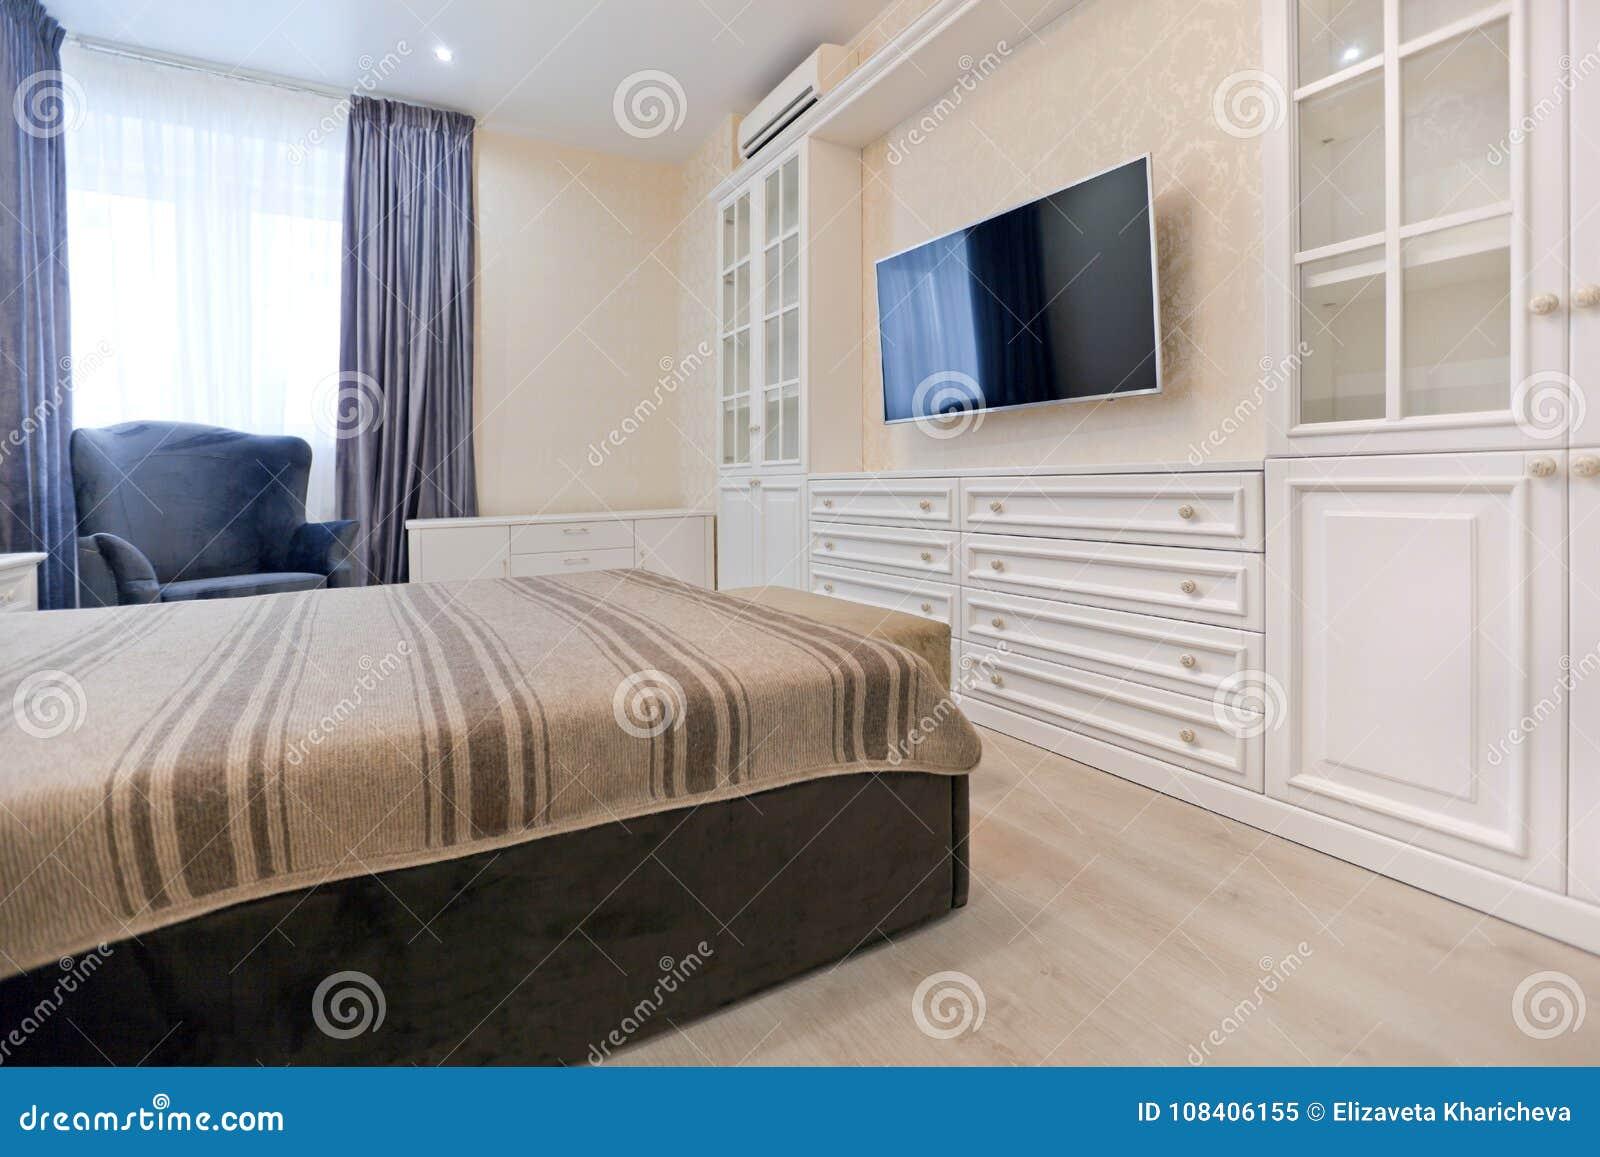 https://thumbs.dreamstime.com/z/slaapkamer-lichte-kleuren-met-donker-bed-en-blauwe-gordijnen-108406155.jpg